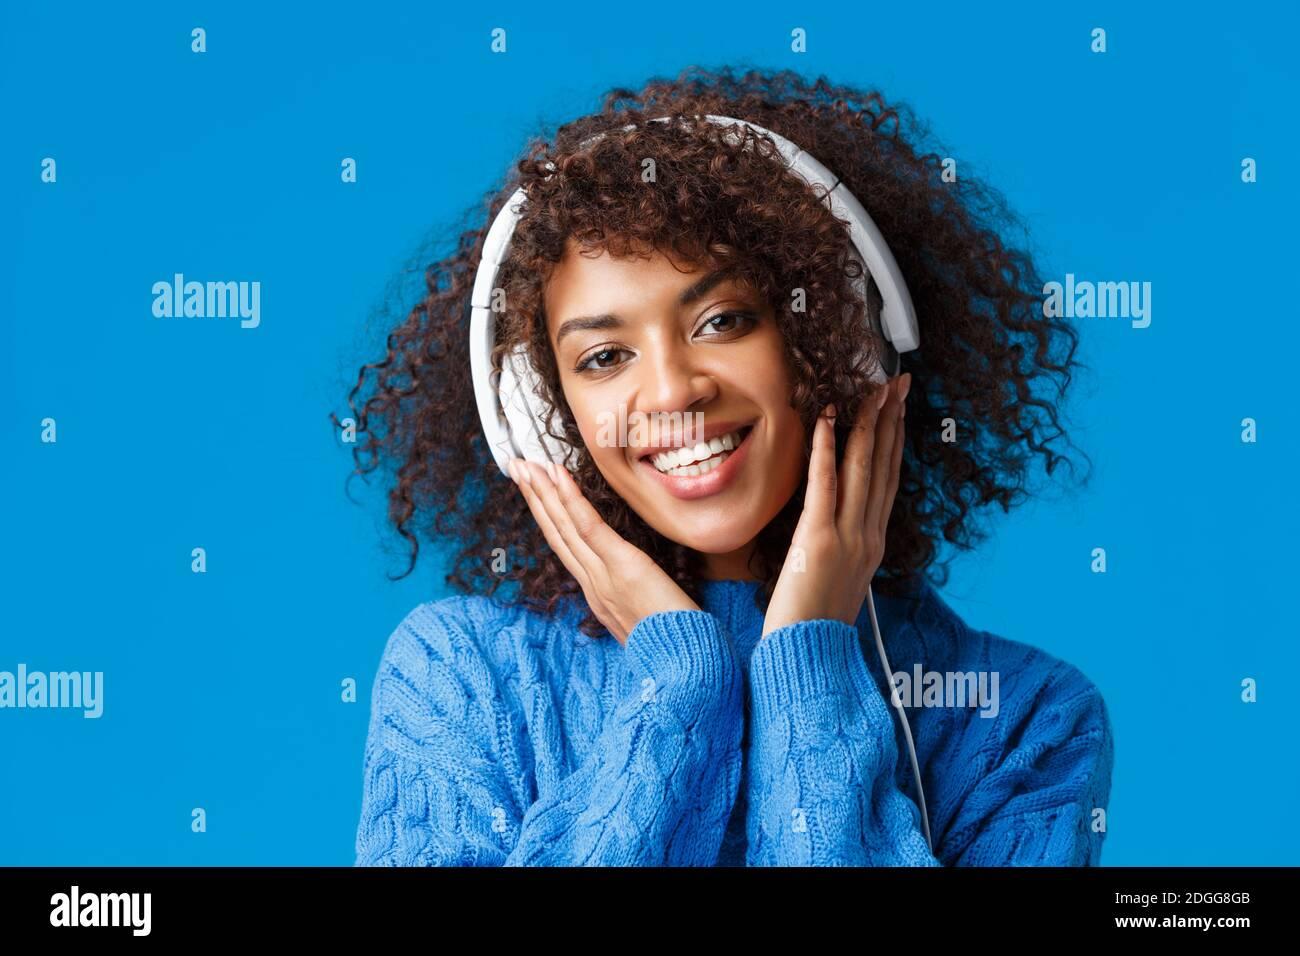 Nahaufnahme Portrait Hipster attraktive afroamerikanische Frau mit lockiger Frisur, Kopfhörer aufsetzen und lächeln, Musik genießen, Stockfoto